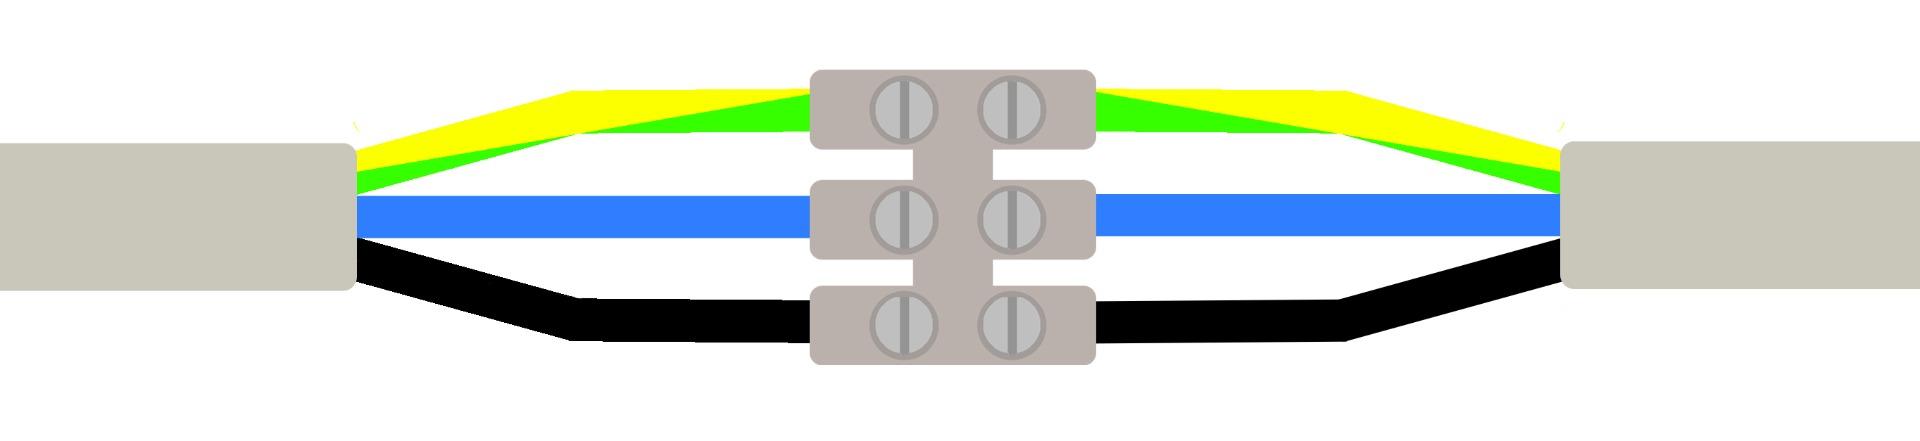 Lampe anschließen mit drei Deckenkabeln